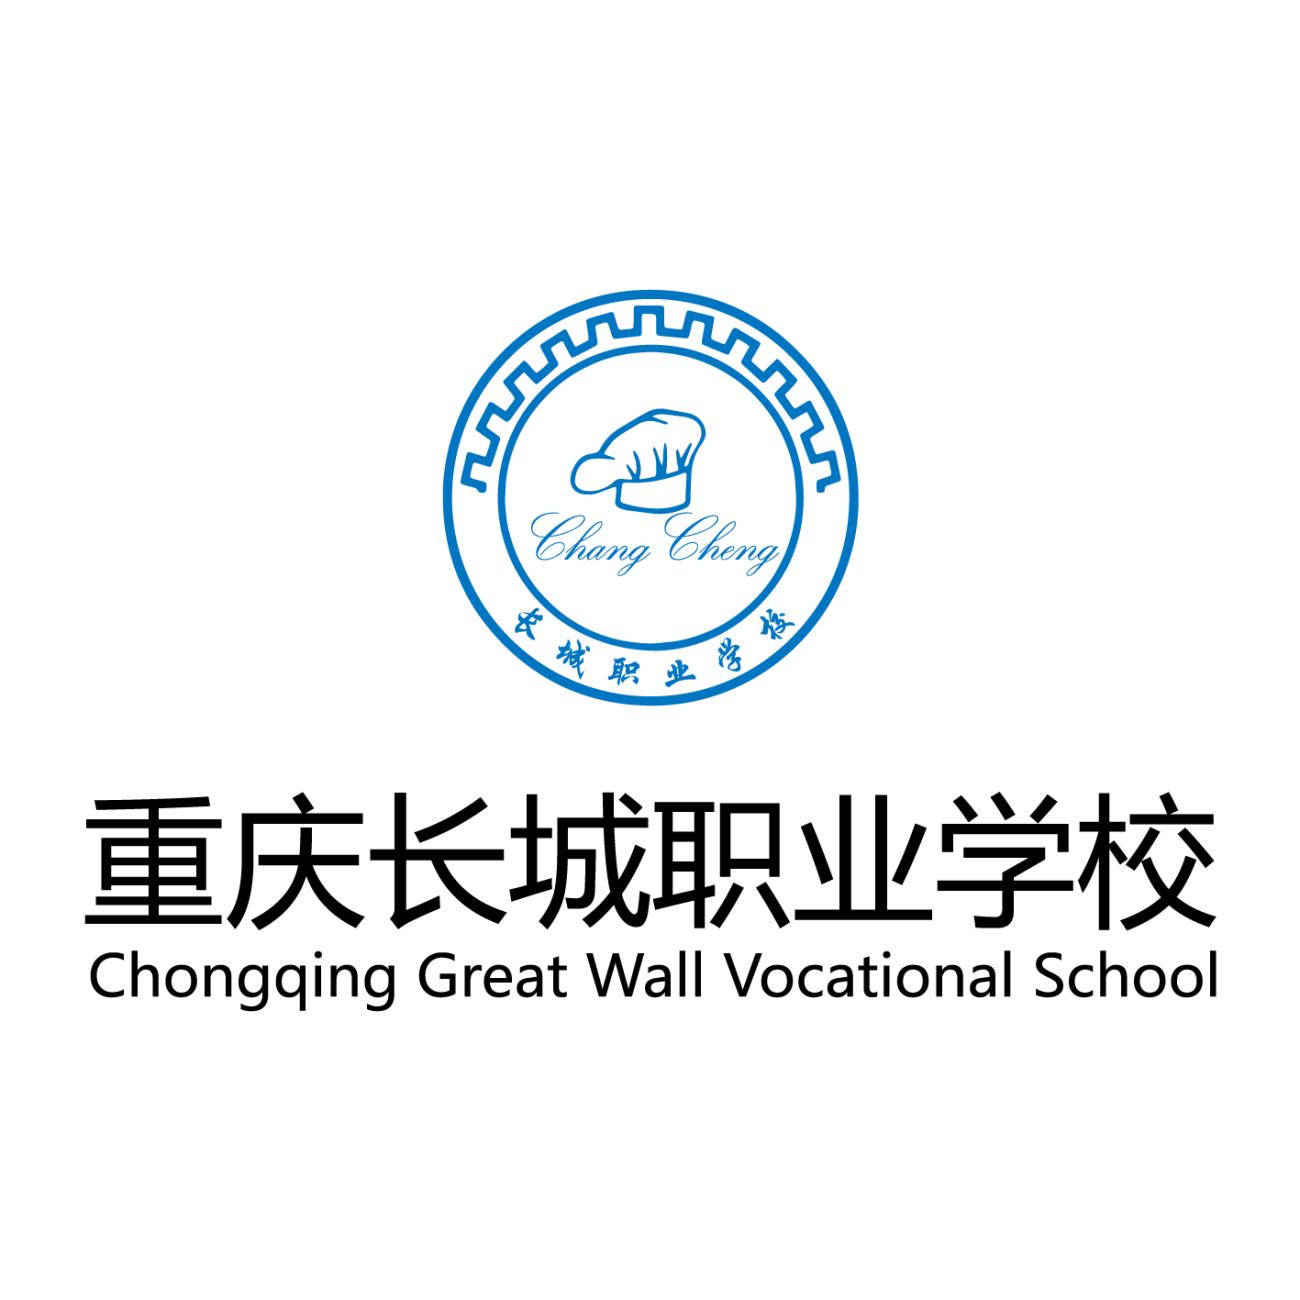 重慶市萬州區長城職業培訓學校